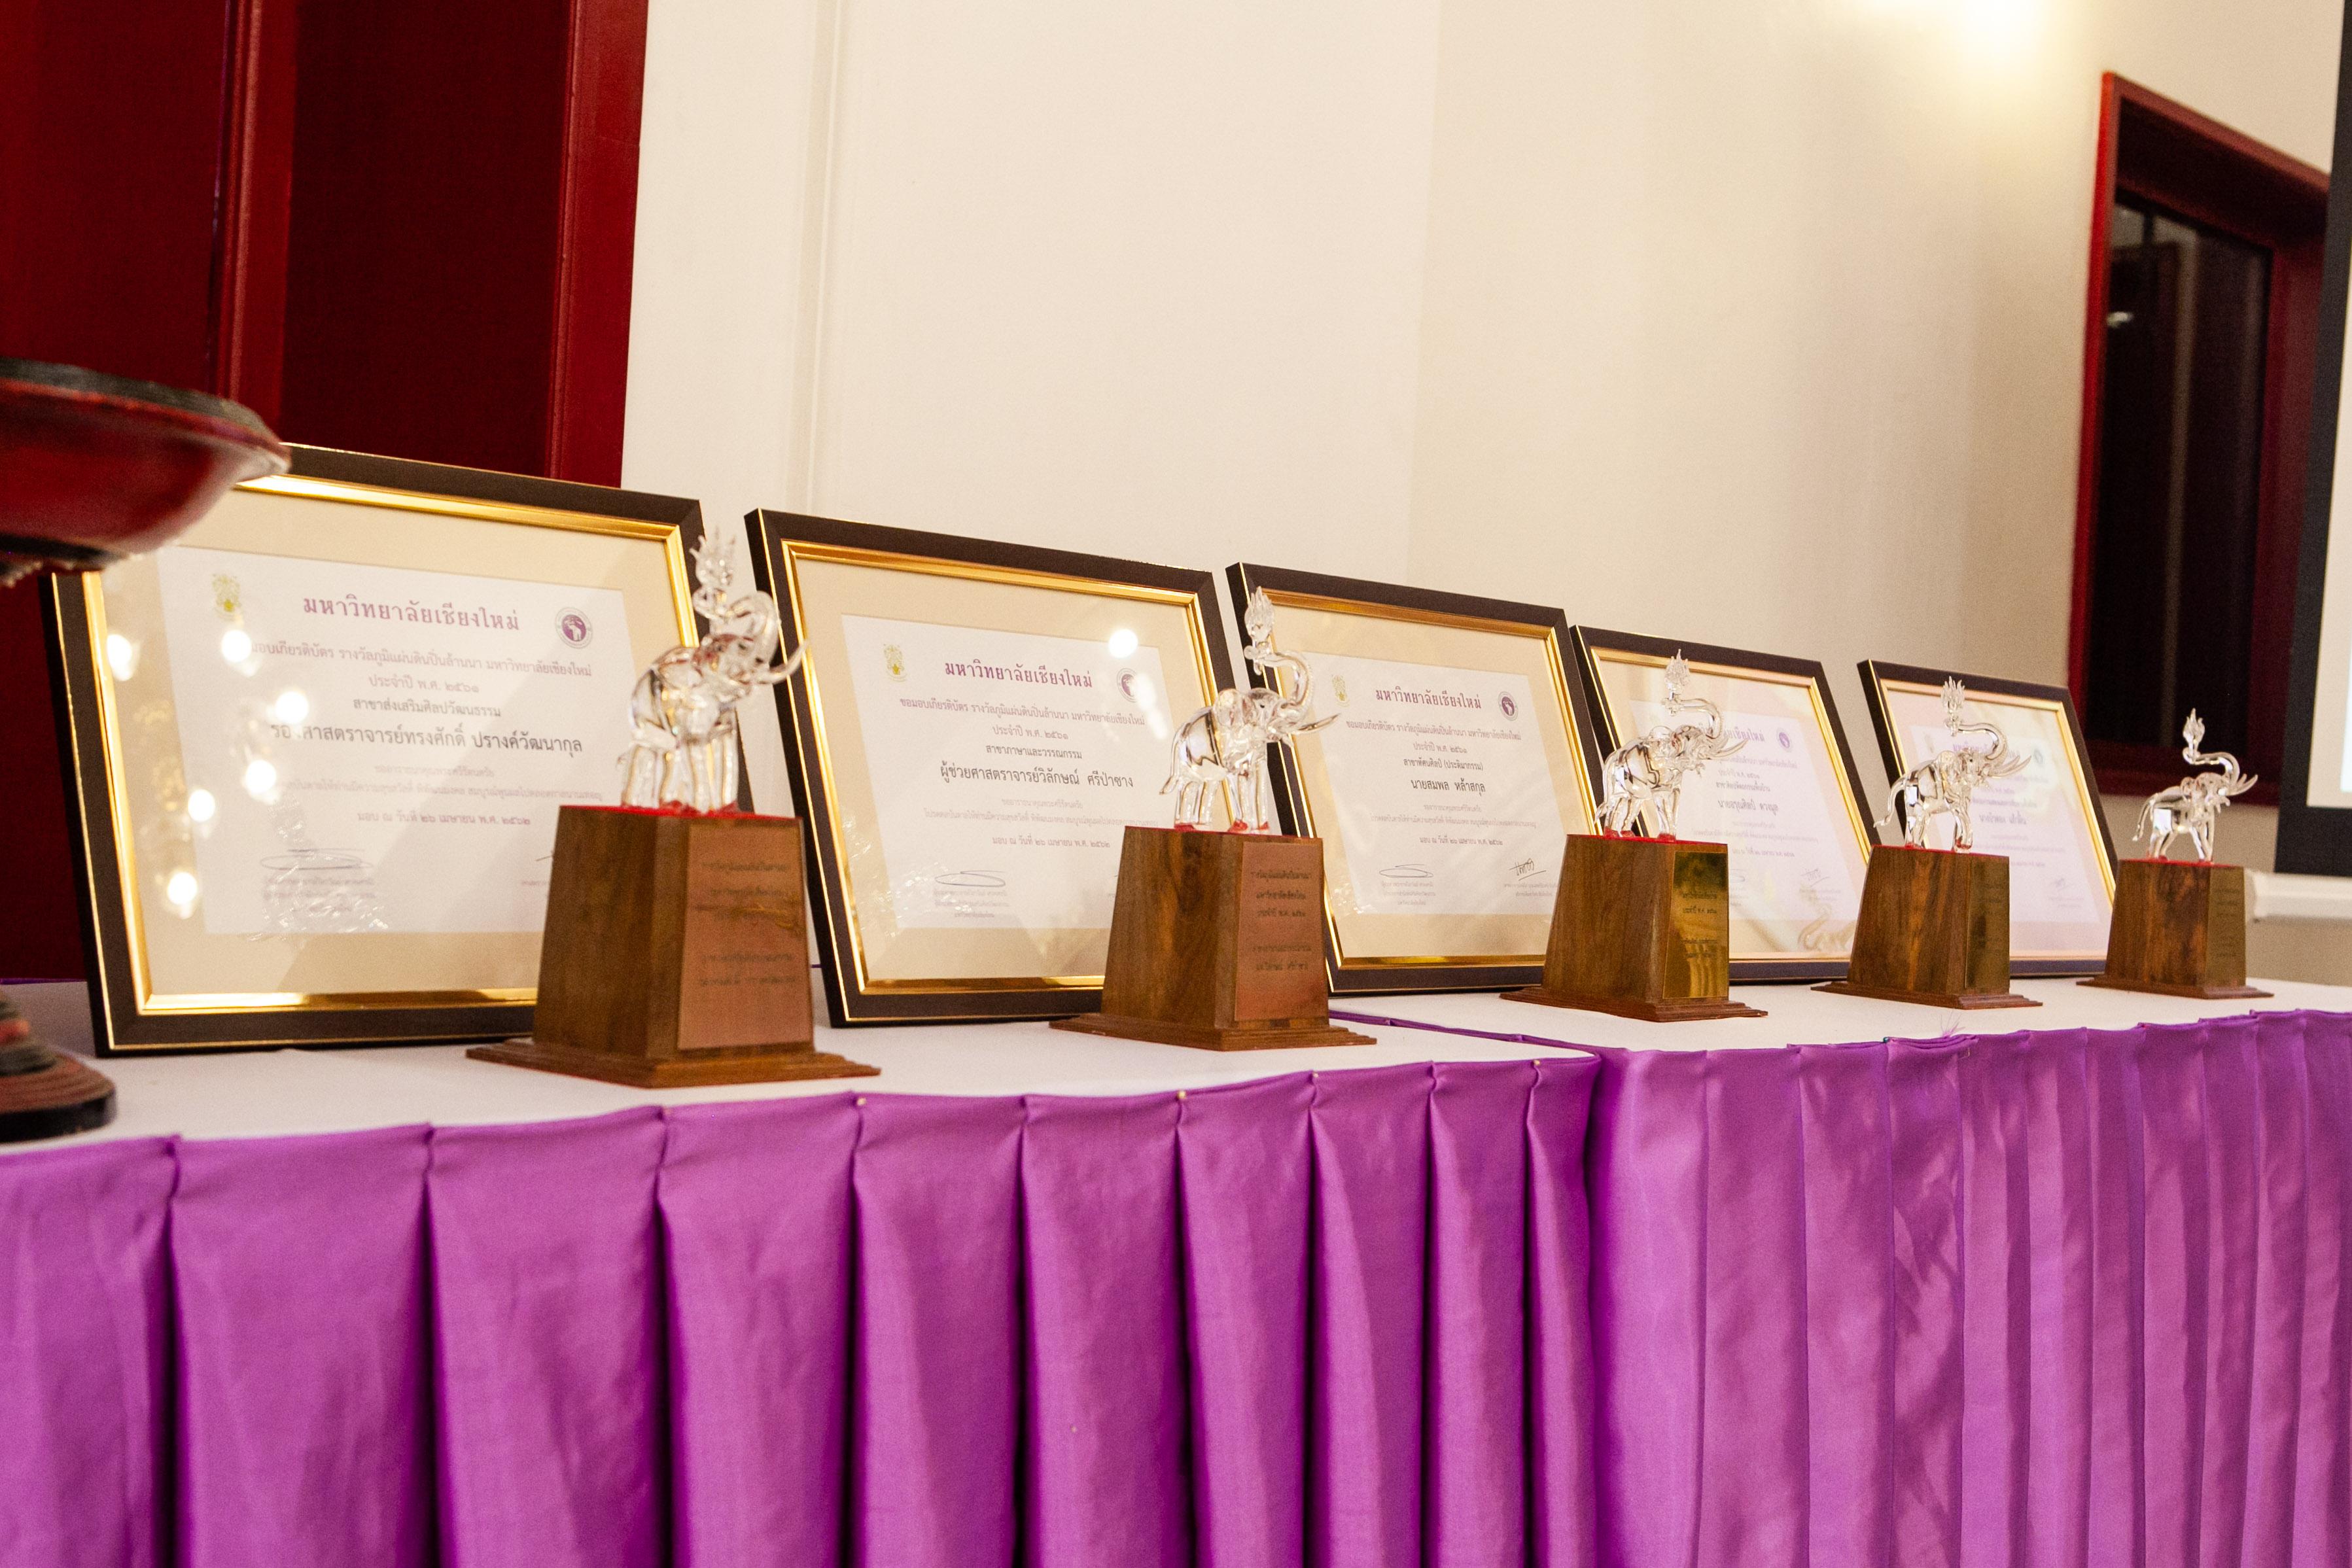 พิธีมอบรางวัลภูมิแผ่นดินปิ่นล้านนา มหาวิทยาลัยเชียงใหม่ ประจำปี พ.ศ. 2561